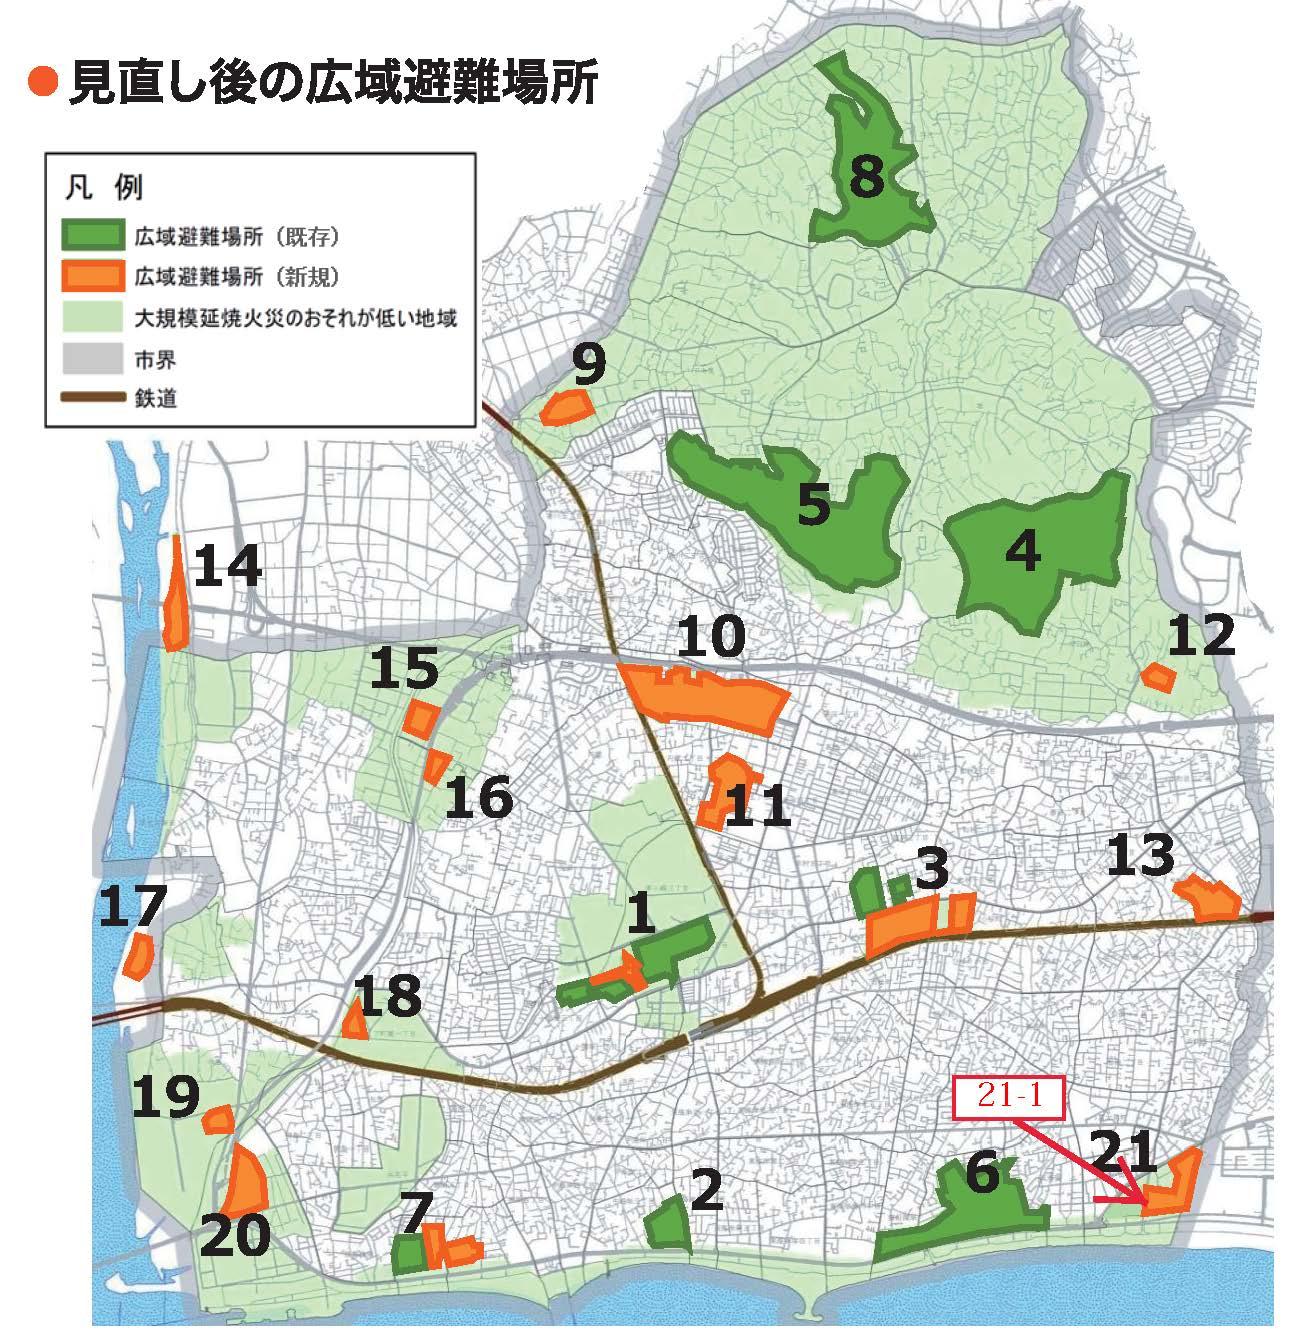 21-1.広域避難場所_茅ヶ崎市地図